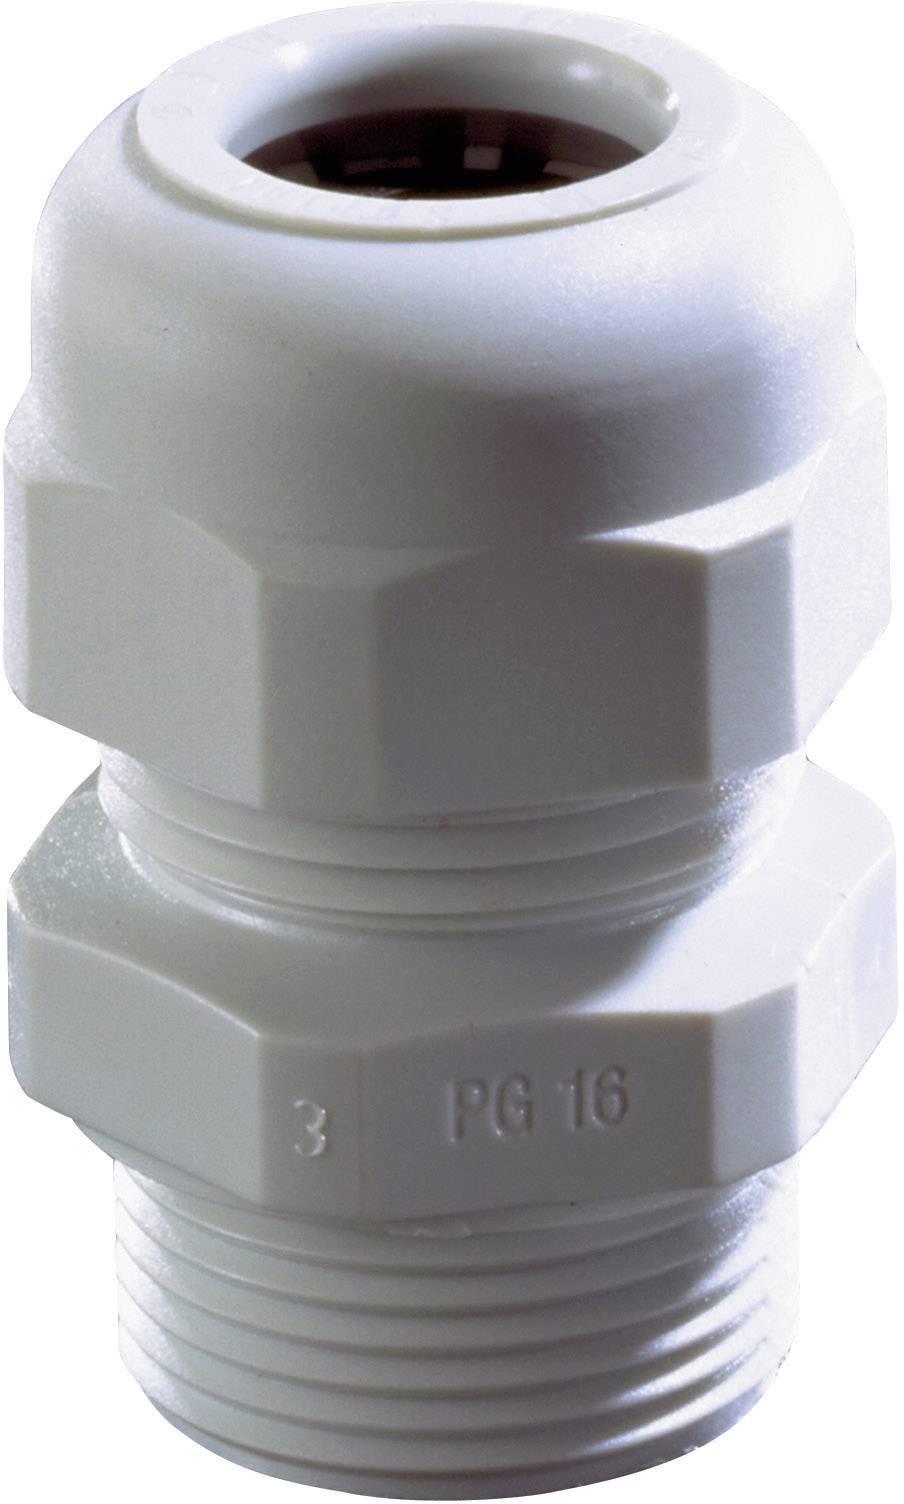 Káblová priechodka Wiska SKV PG 9 RAL 9005, polyamid, čierna, 1 ks